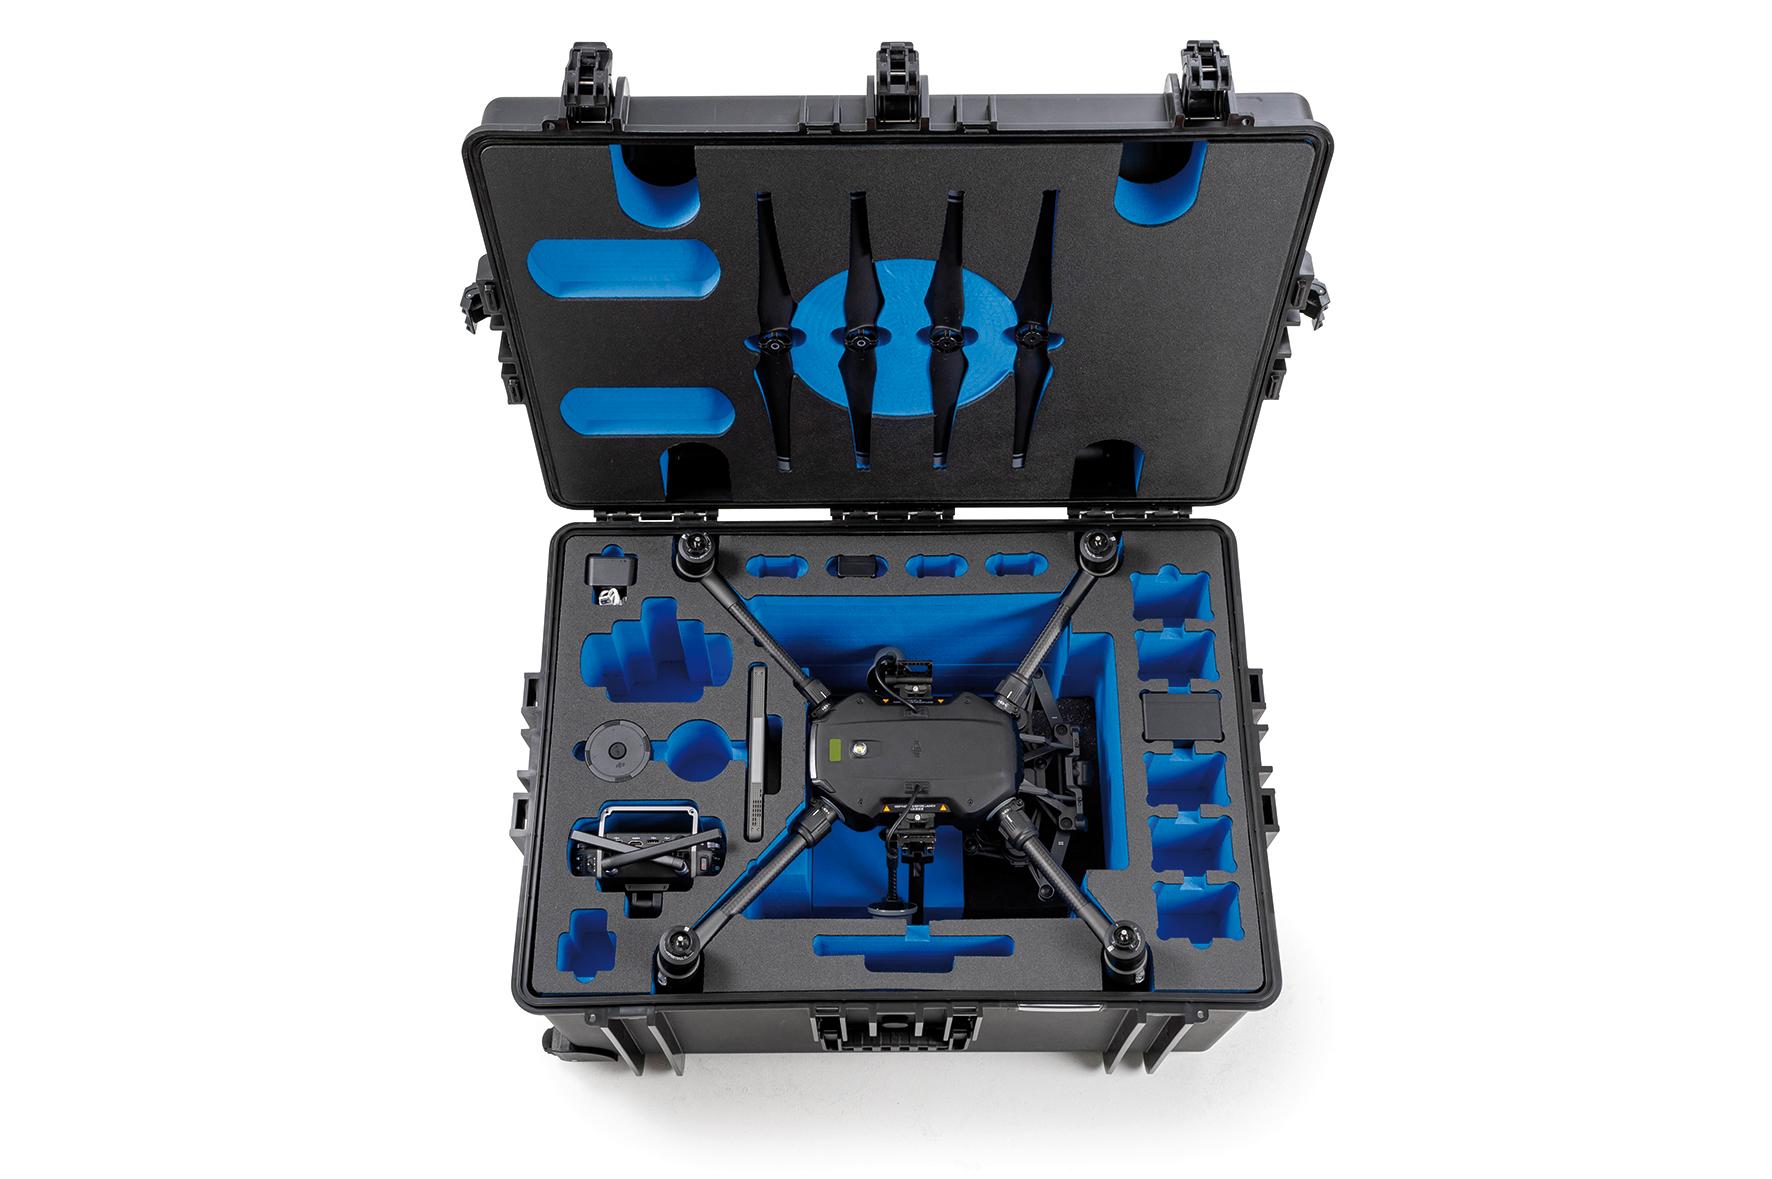 type 7800 DJI Matrice 200/ 210/ 210 RTK